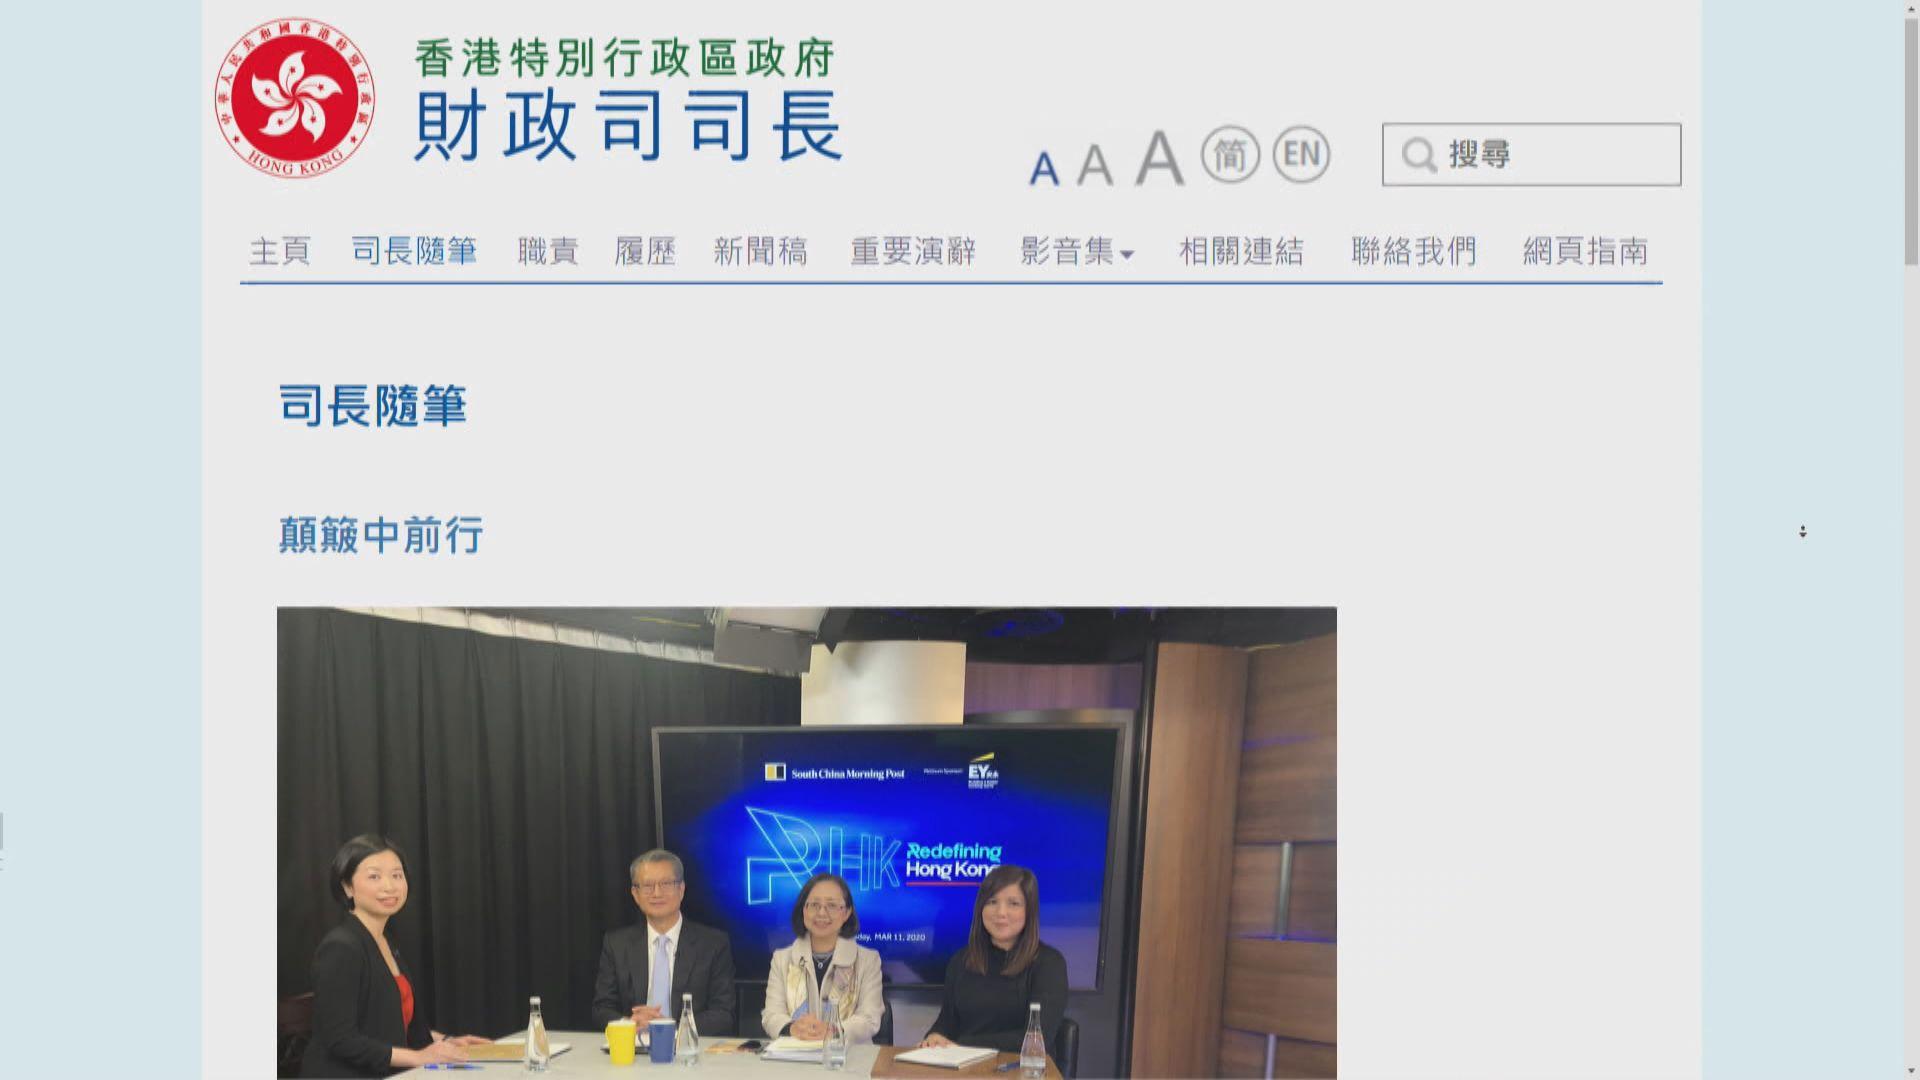 陳茂波:現階段指本港出現結構性財赤是言之過早